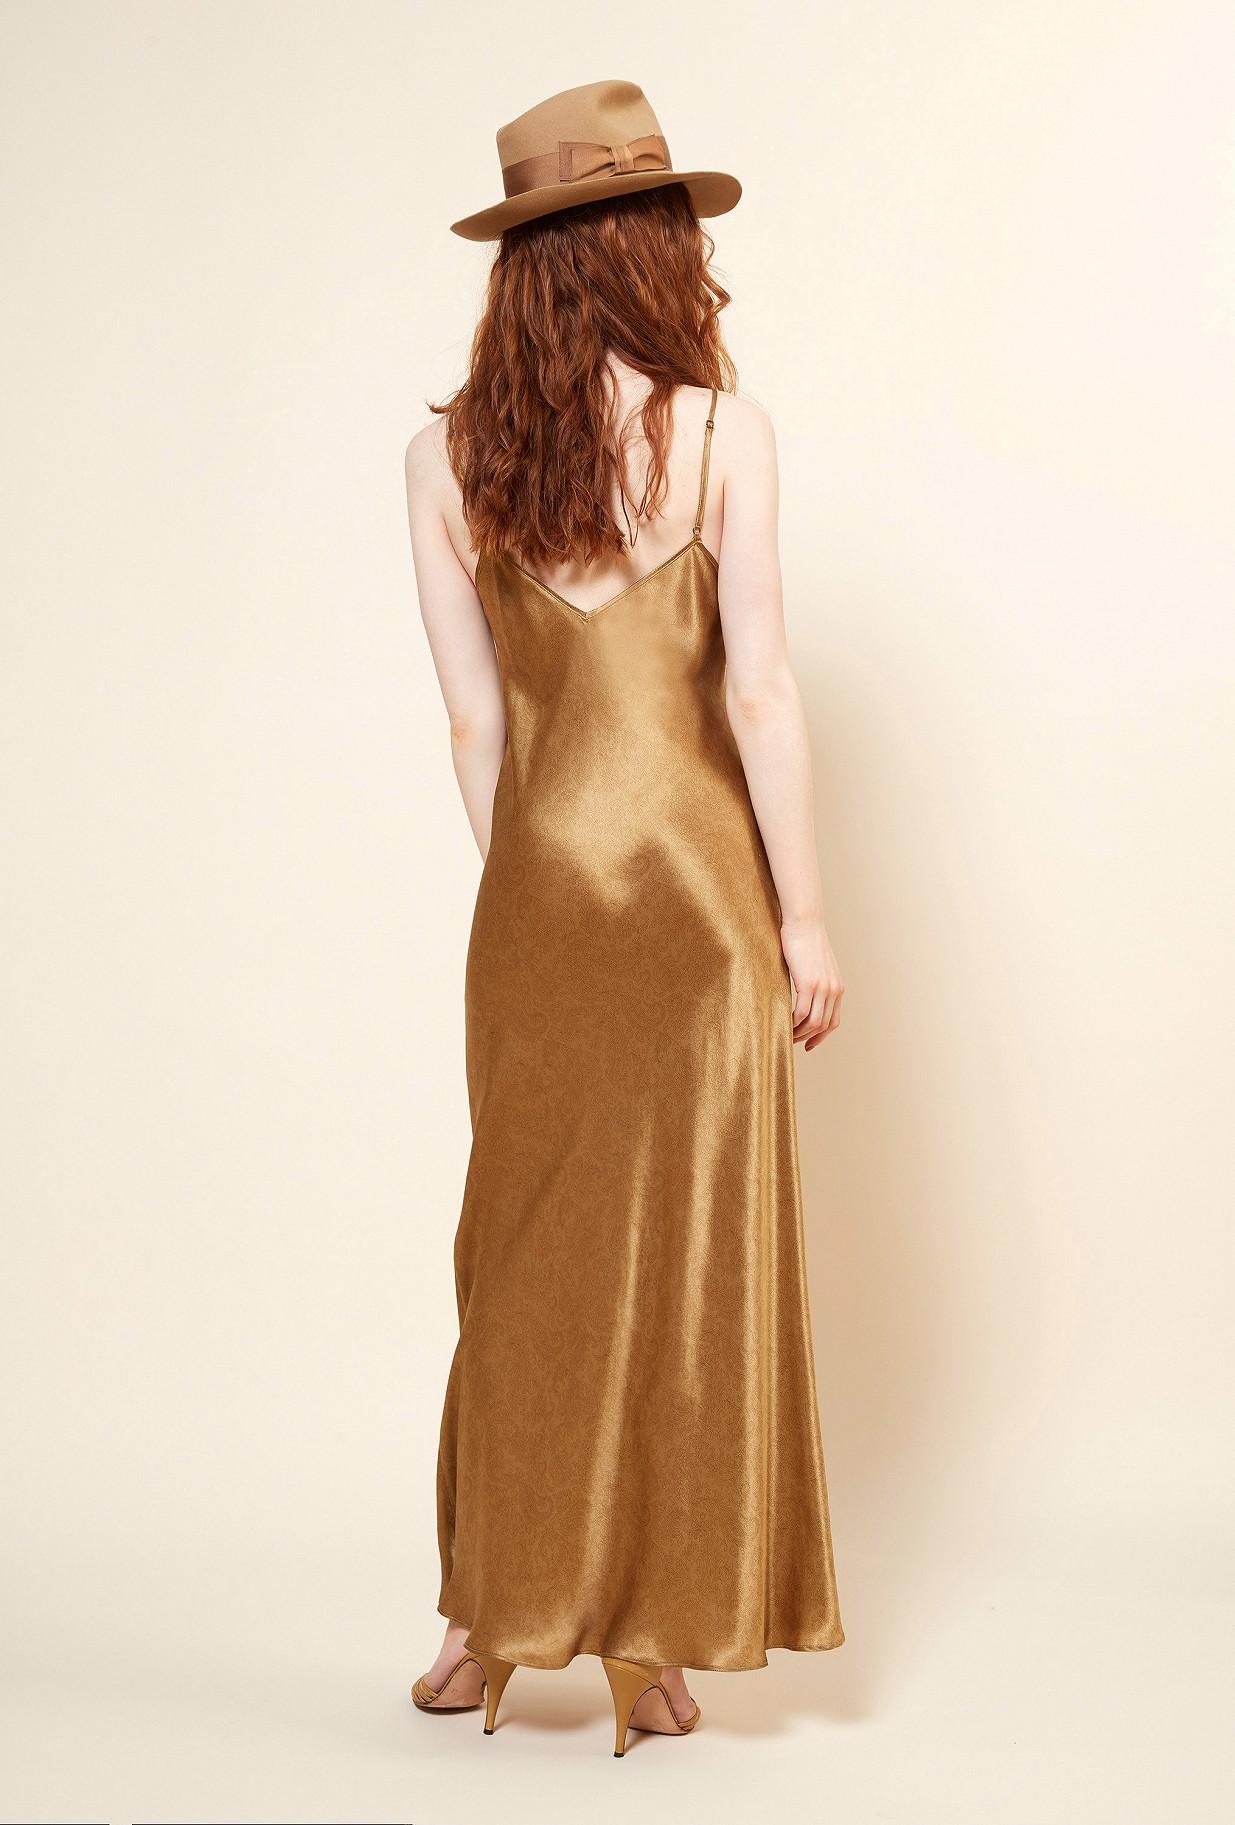 boutique de vetement Robe createur boheme  Nymphe